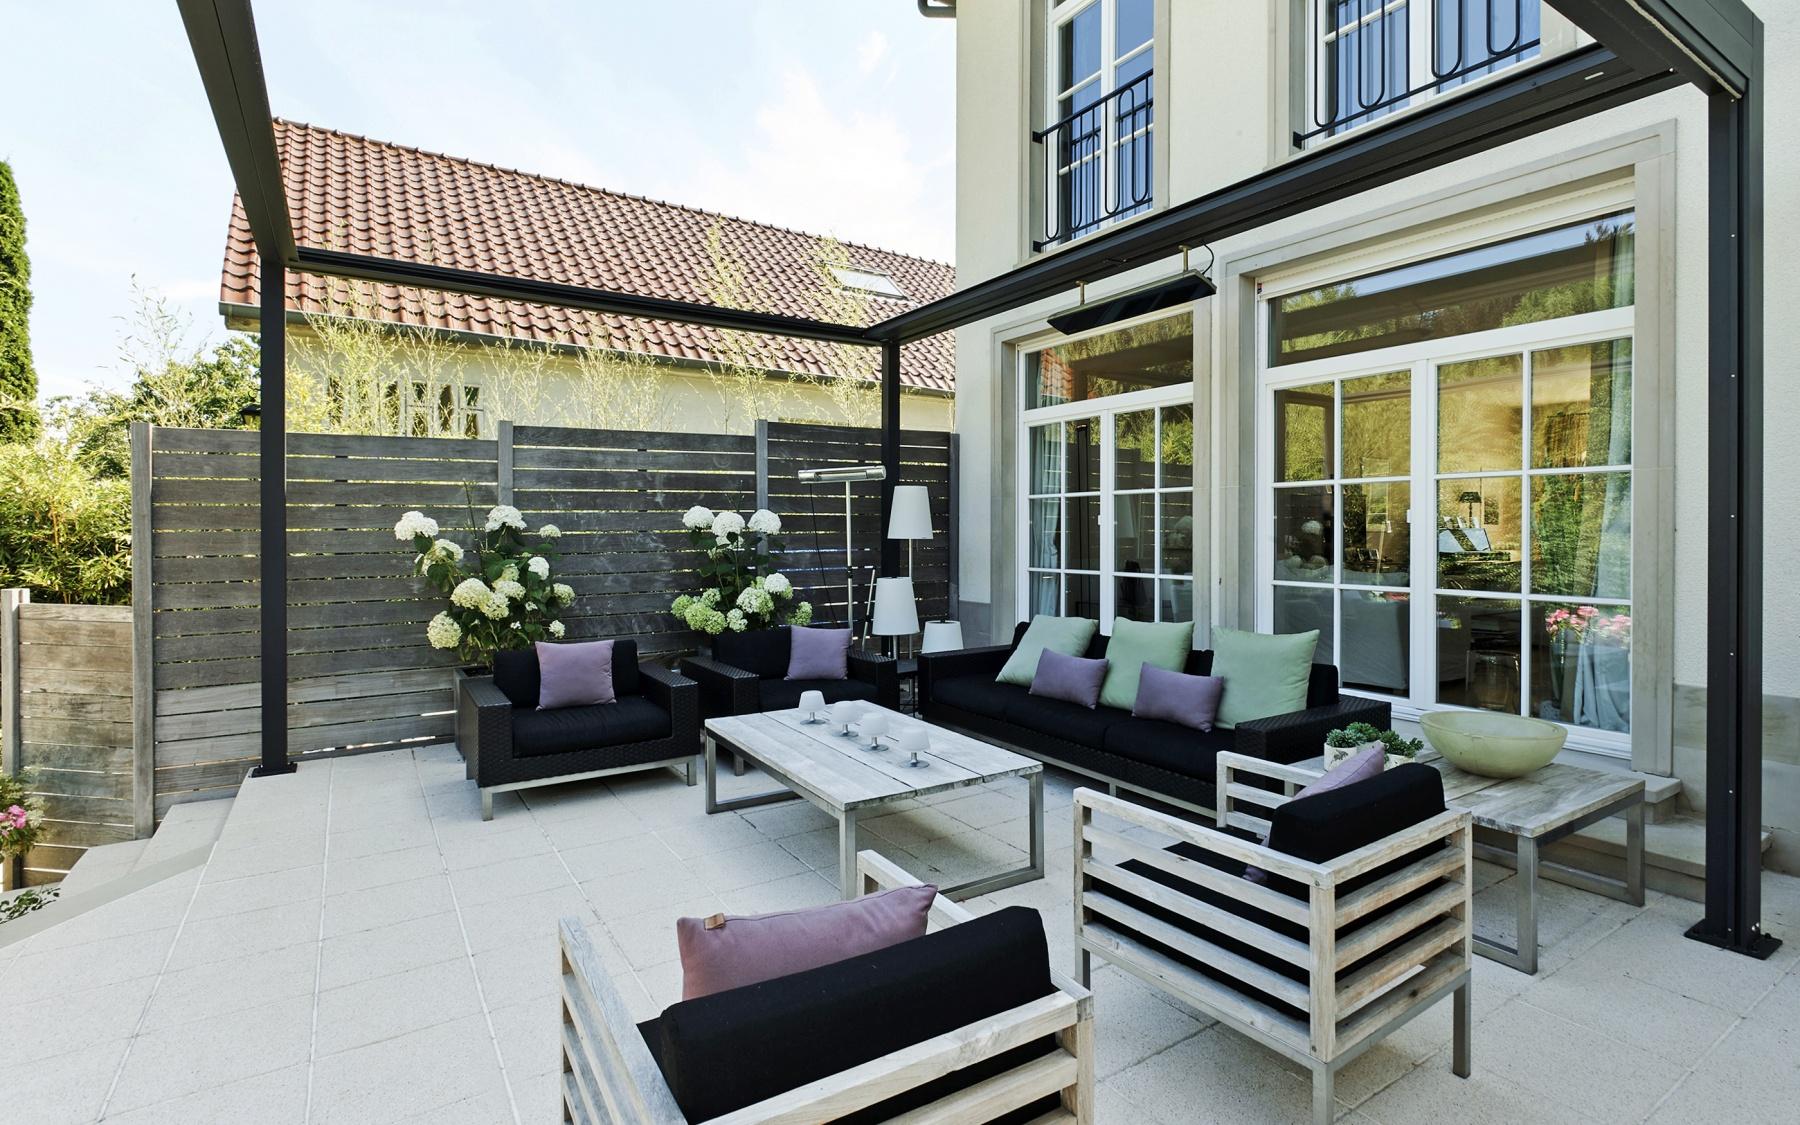 Villa in Senningerberg